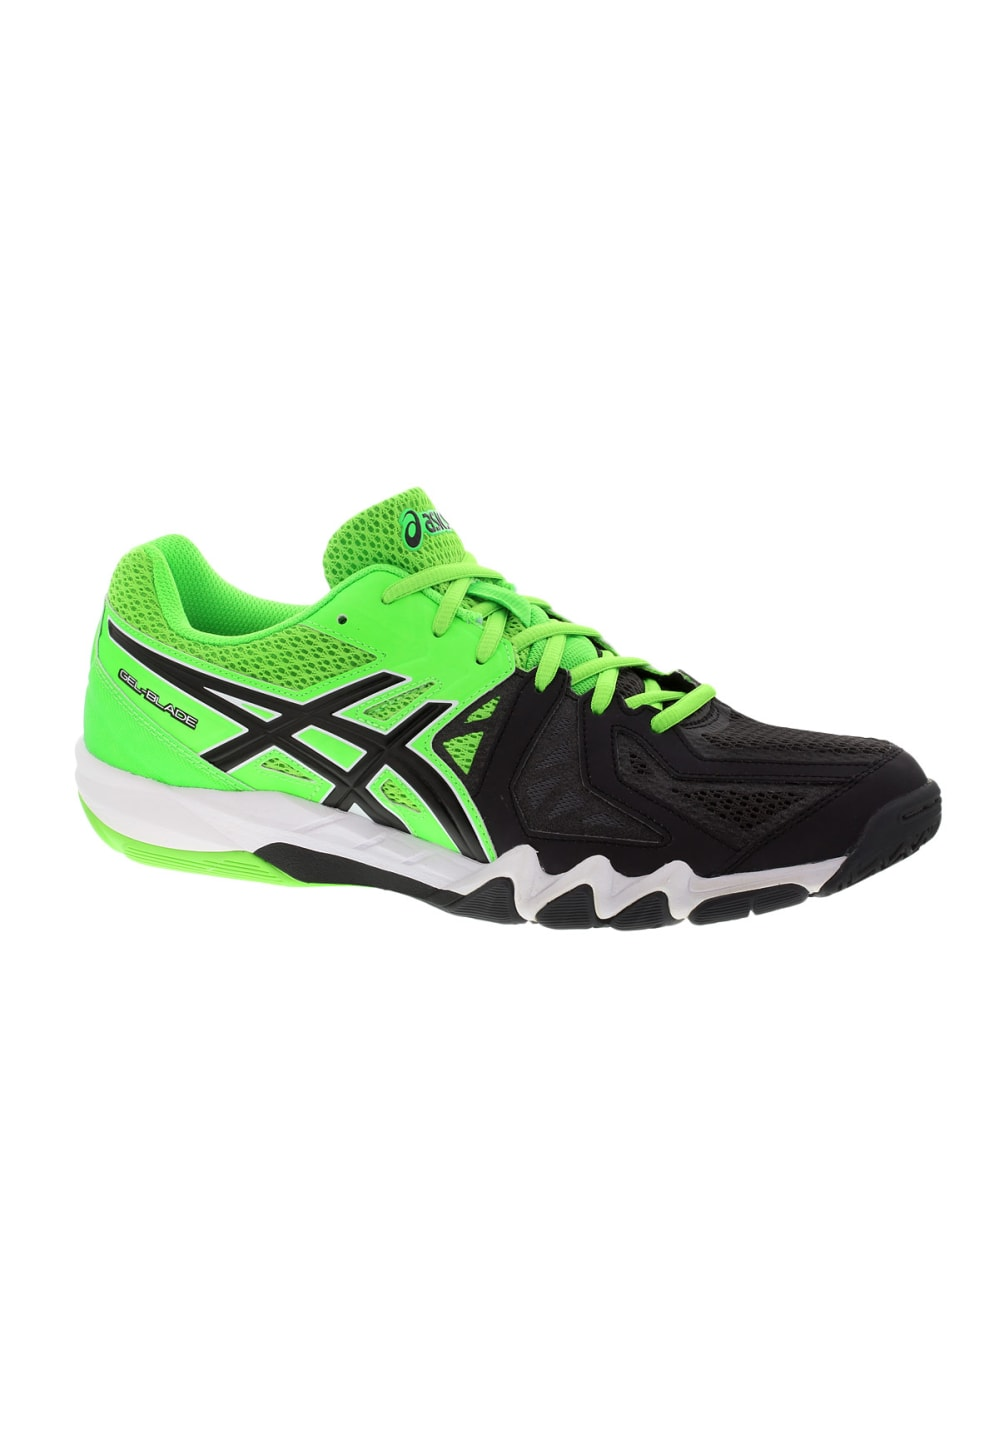 Chaussures Noir 21run En Homme Pour Asics Sports CqwPRRX